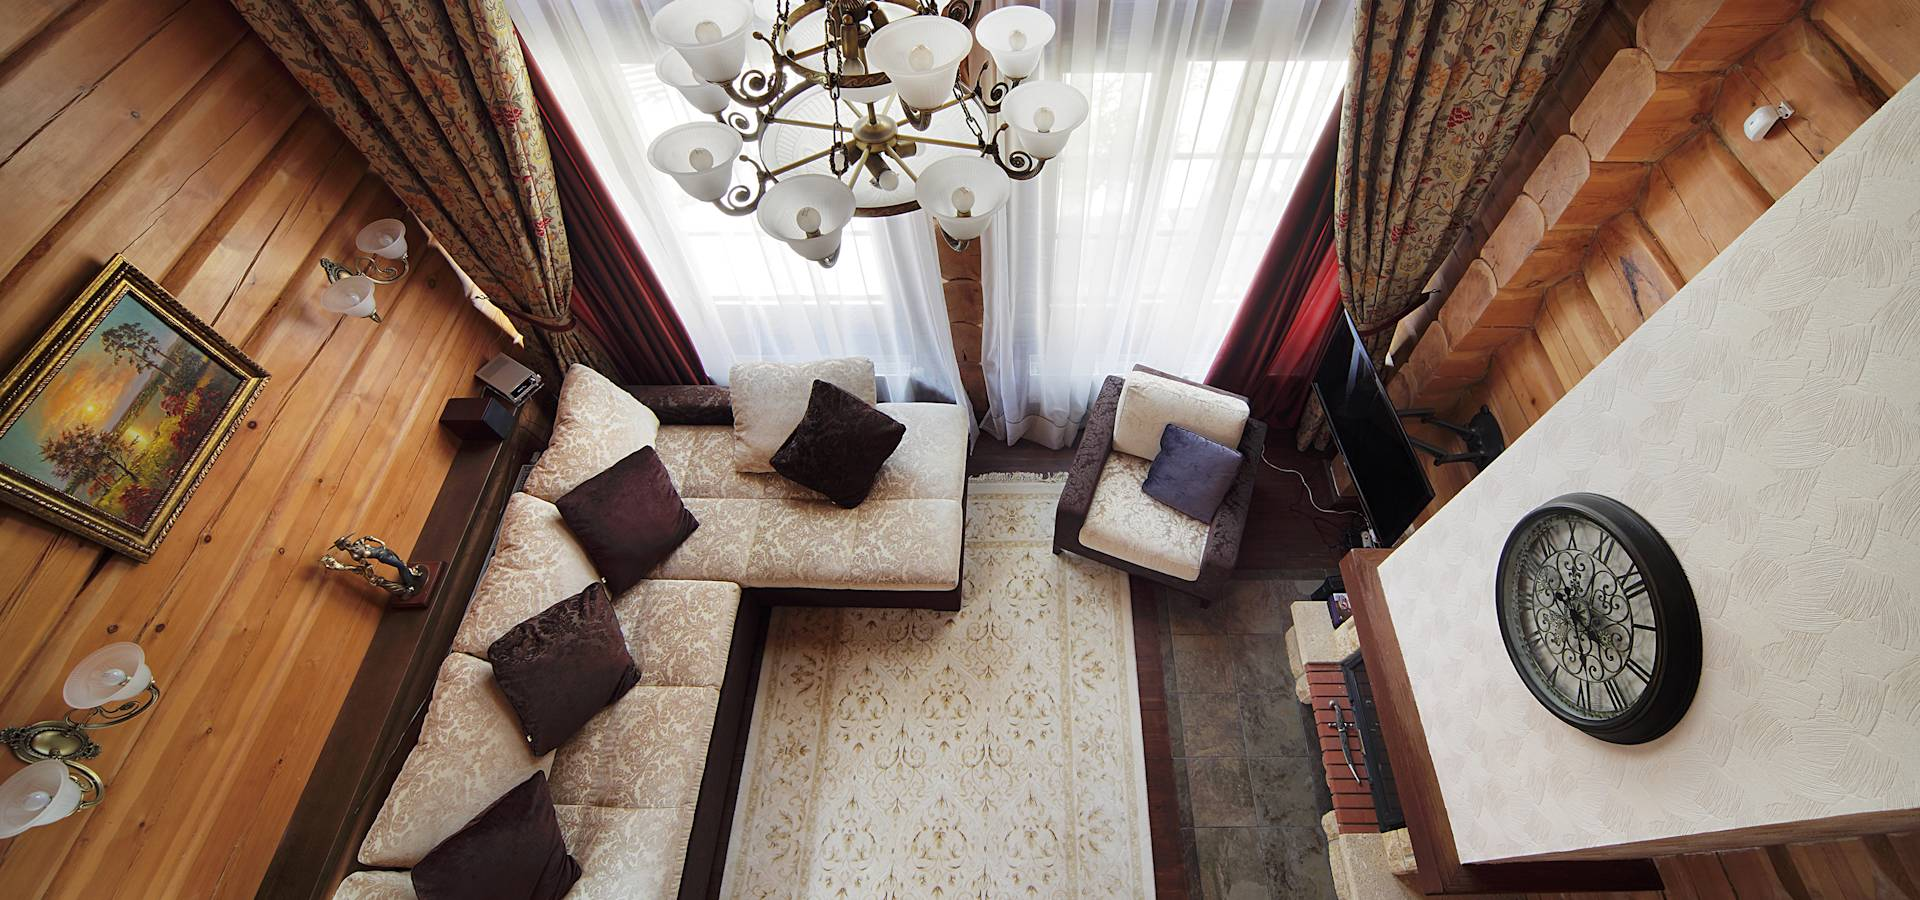 Cabinas De Ducha Foro:fotos-de-salones-de-estilo-rustico-dejpg